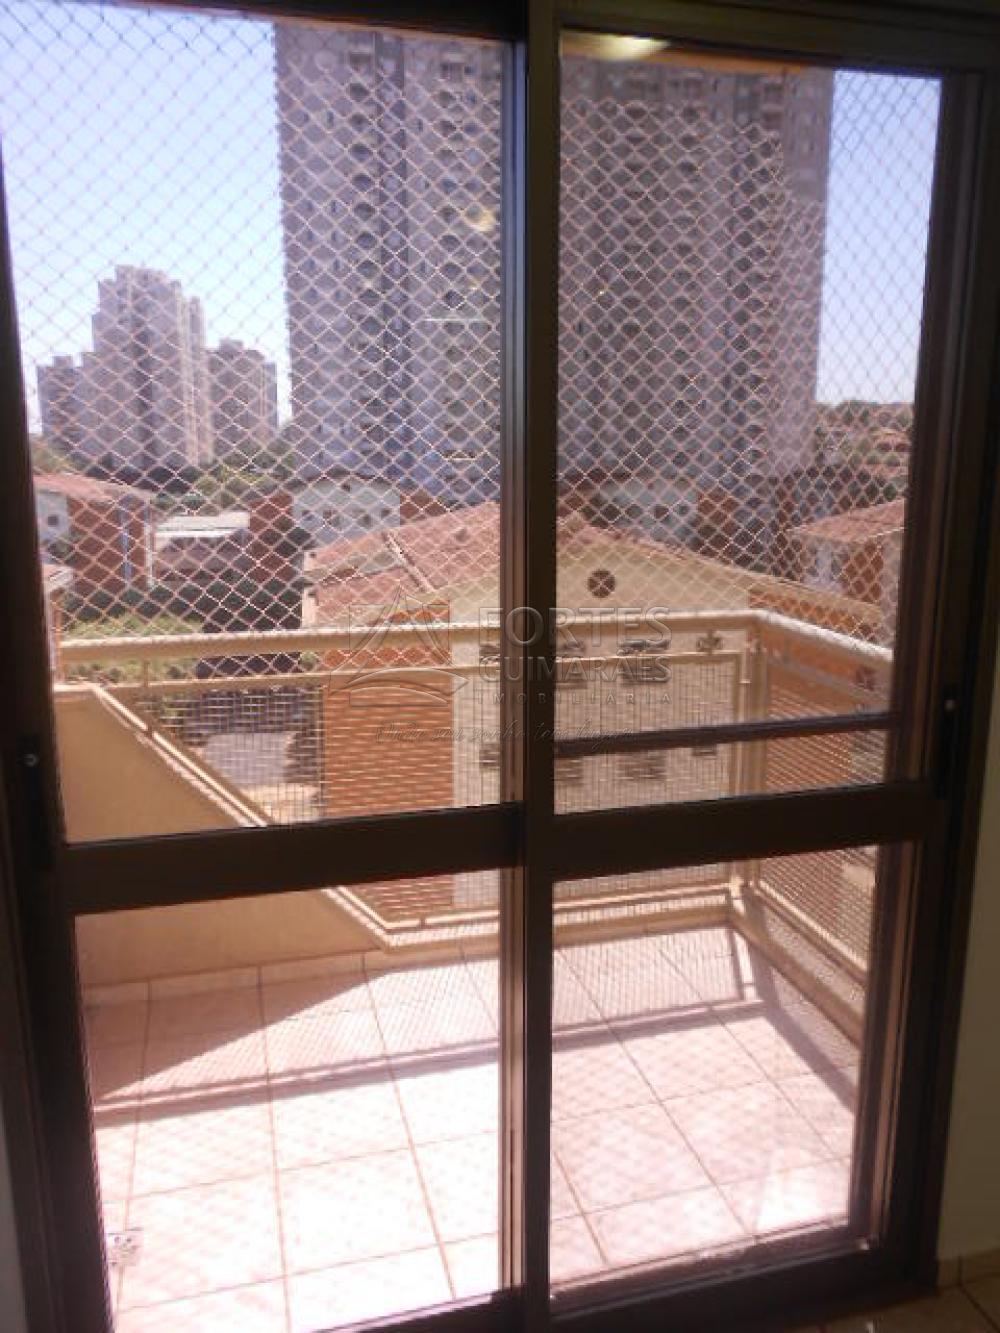 Alugar Apartamentos / Padrão em Ribeirão Preto apenas R$ 950,00 - Foto 5